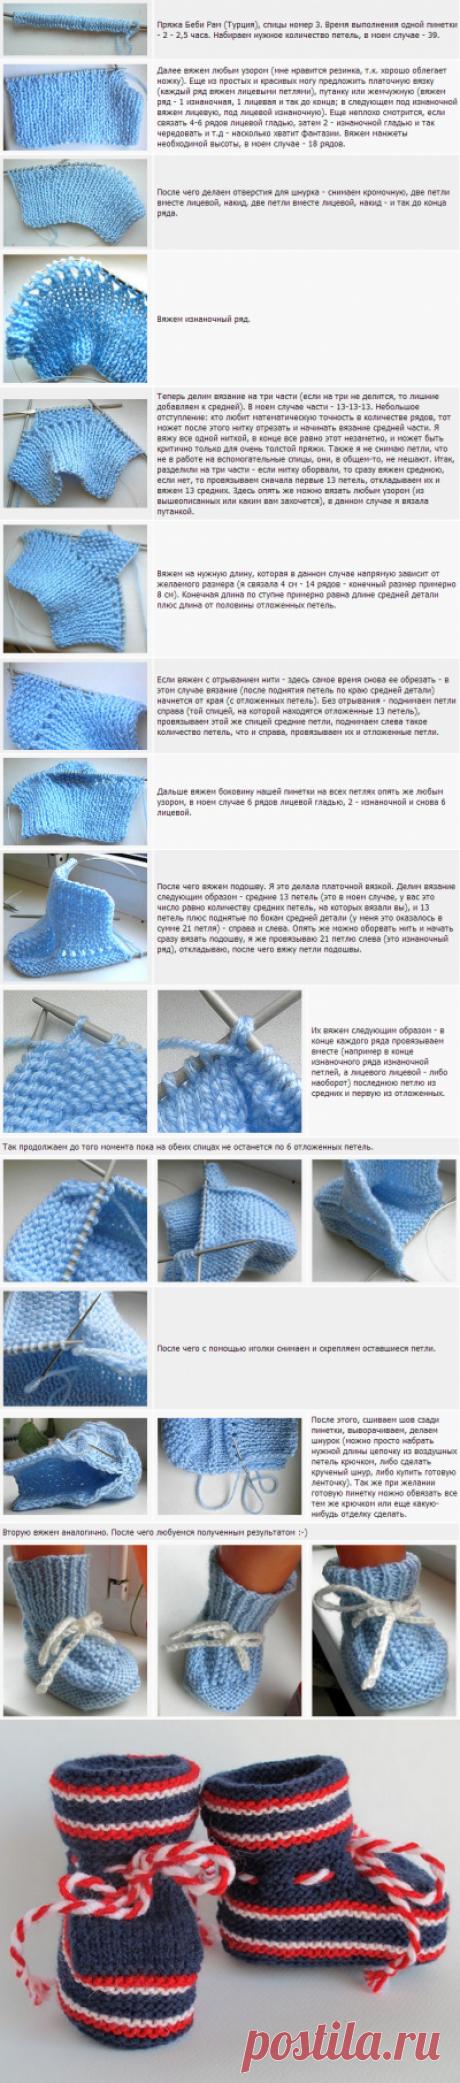 ПИНЕТКИ СПИЦАМИ ДЛЯ НОВОРОЖДЕННЫХ   Вязание спицами с описанием,уроки с фото и схемы вязания пинеток для новорождённых